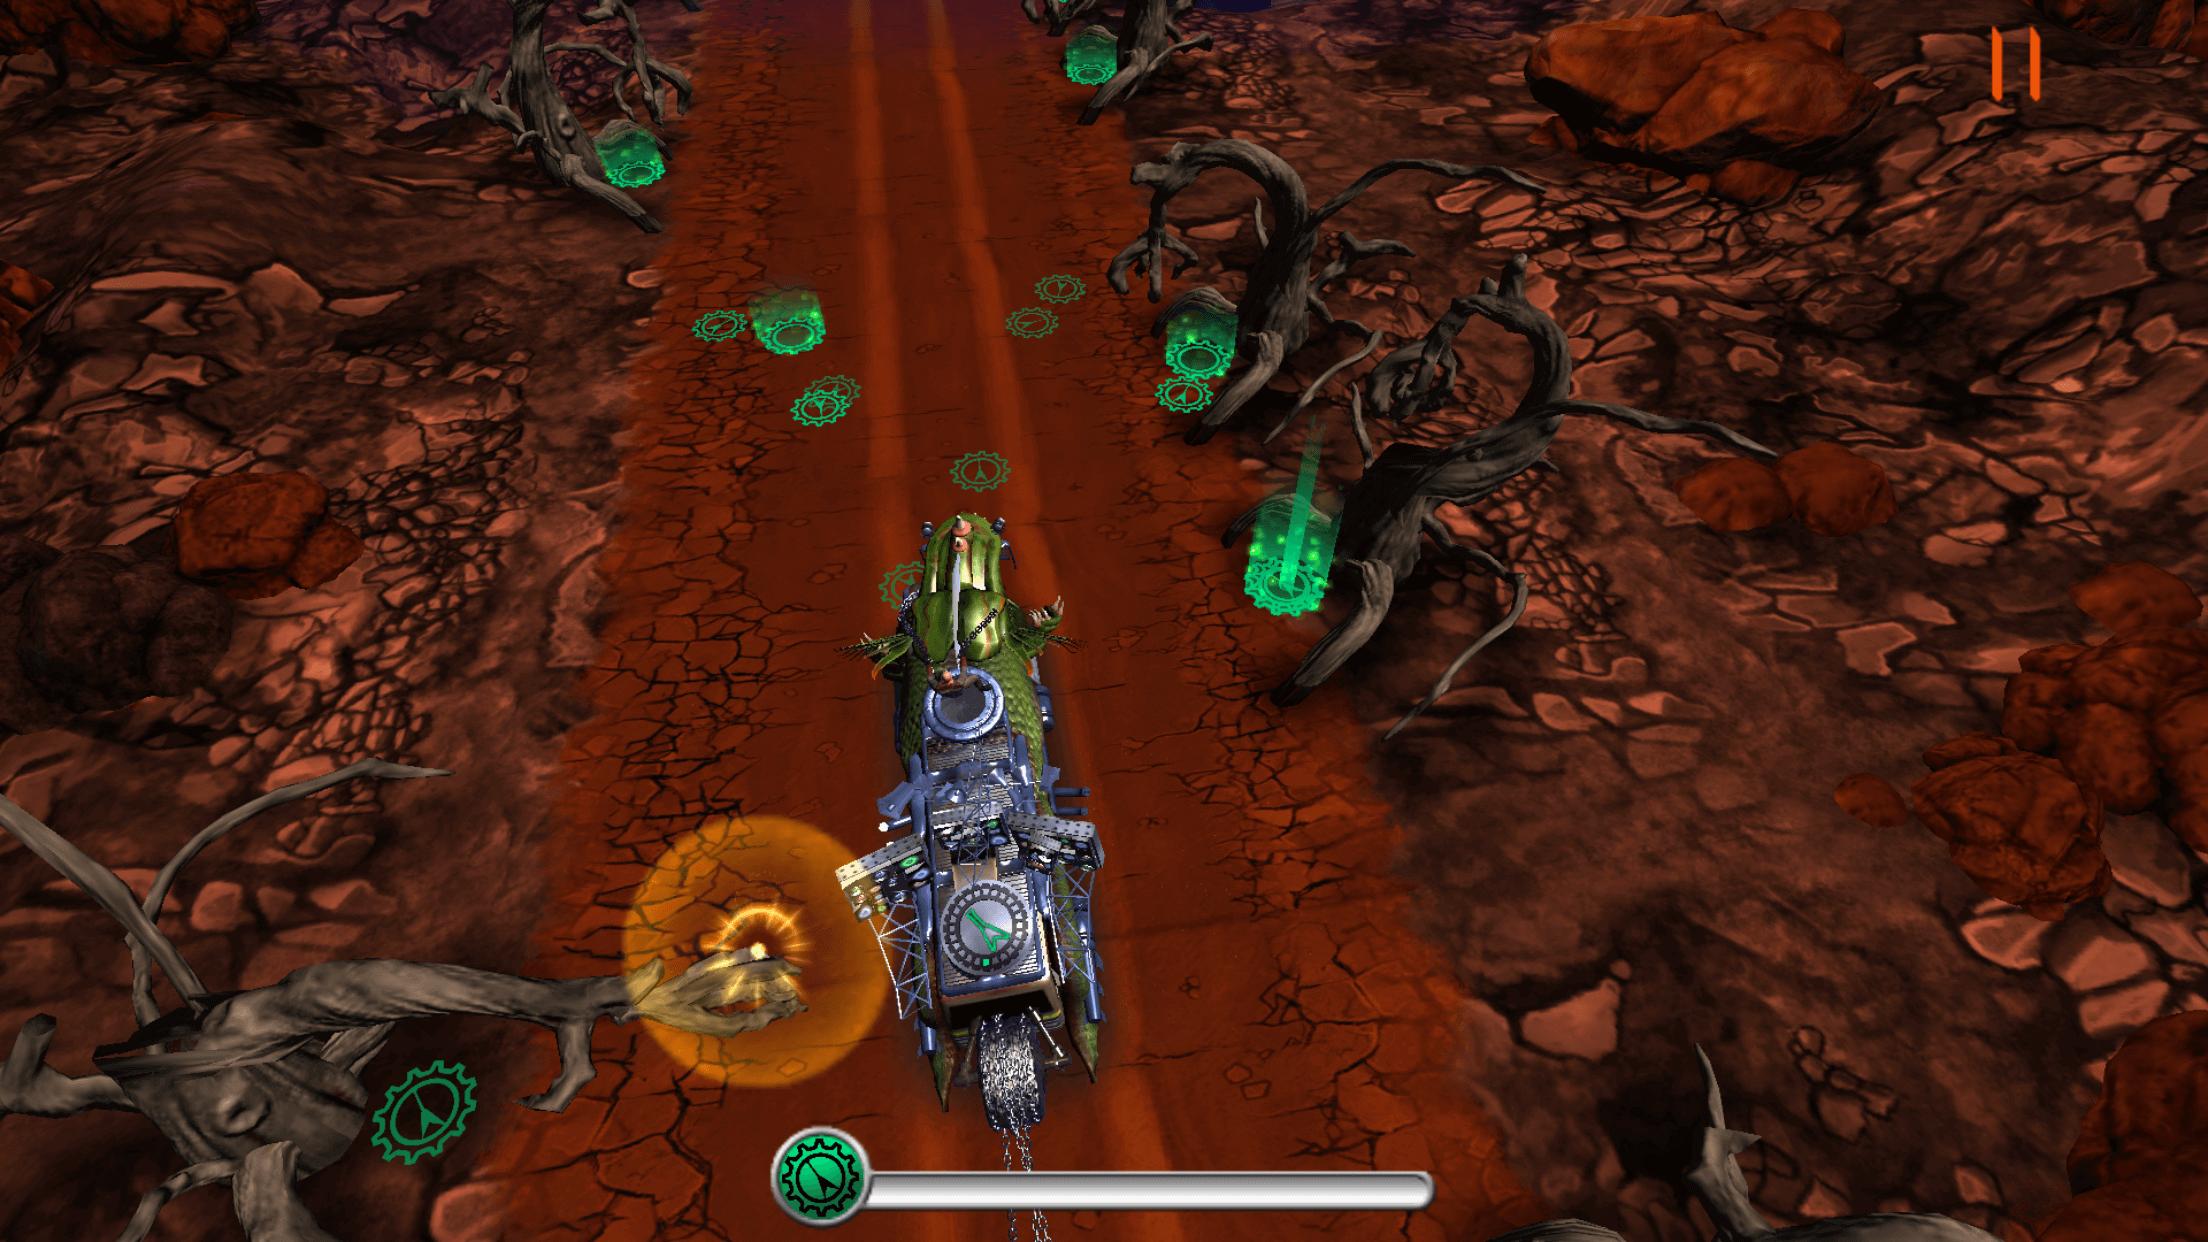 Judas Priest(ジューダス・プリースト)の[Road to Valhalla]ゲームの画面